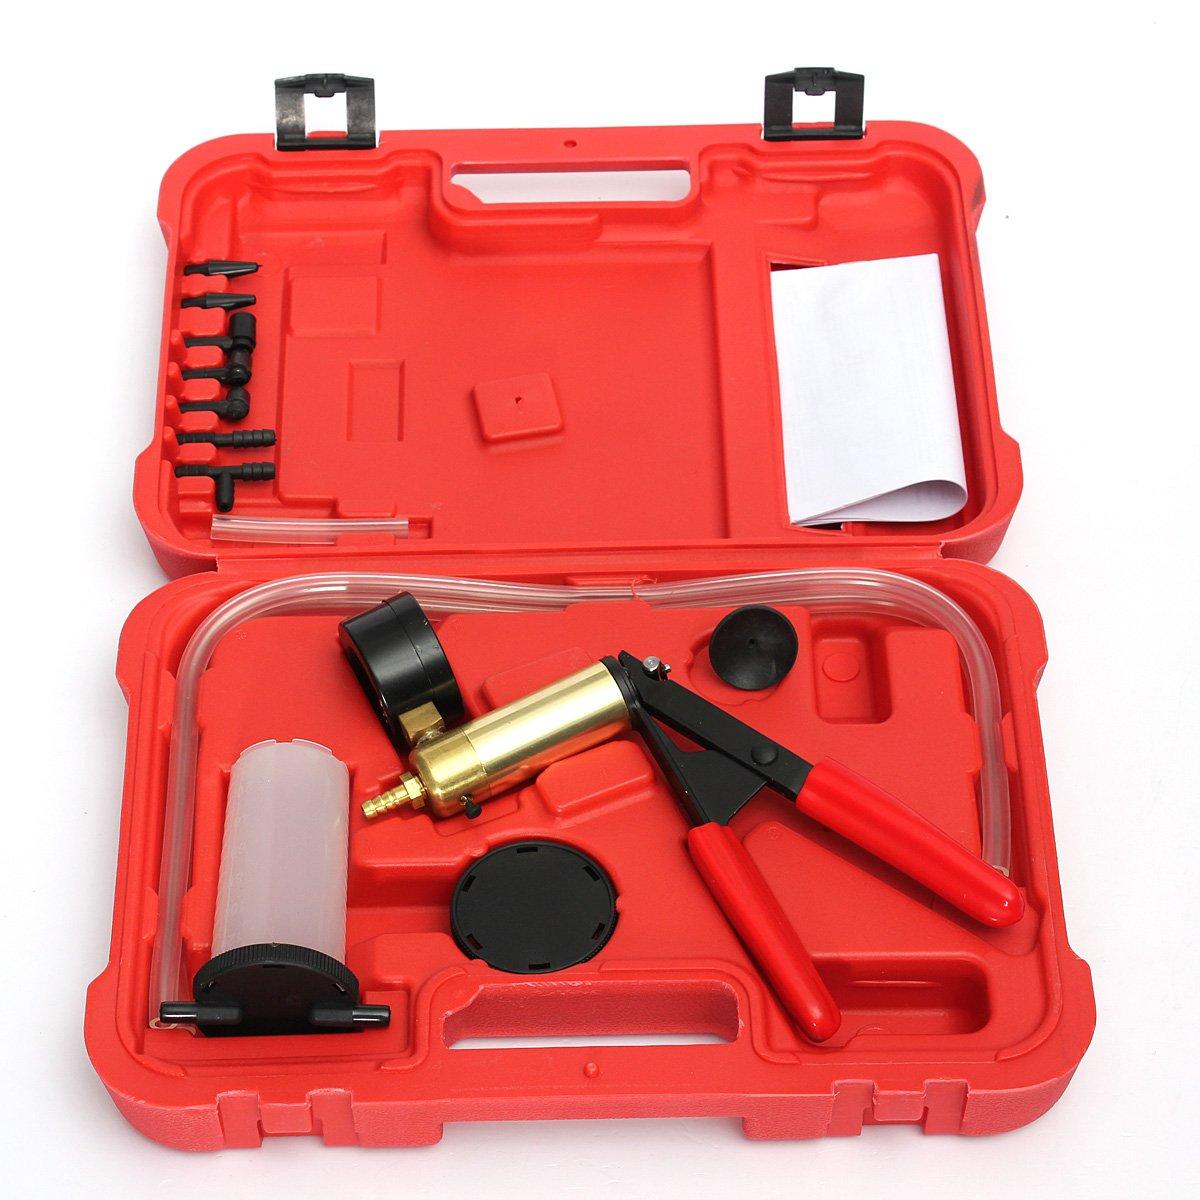 VORCOOL Car Auto Manual Handheld Vacuum Pump Brake Bleeder Professional Repair Tester Kit by VORCOOL (Image #1)